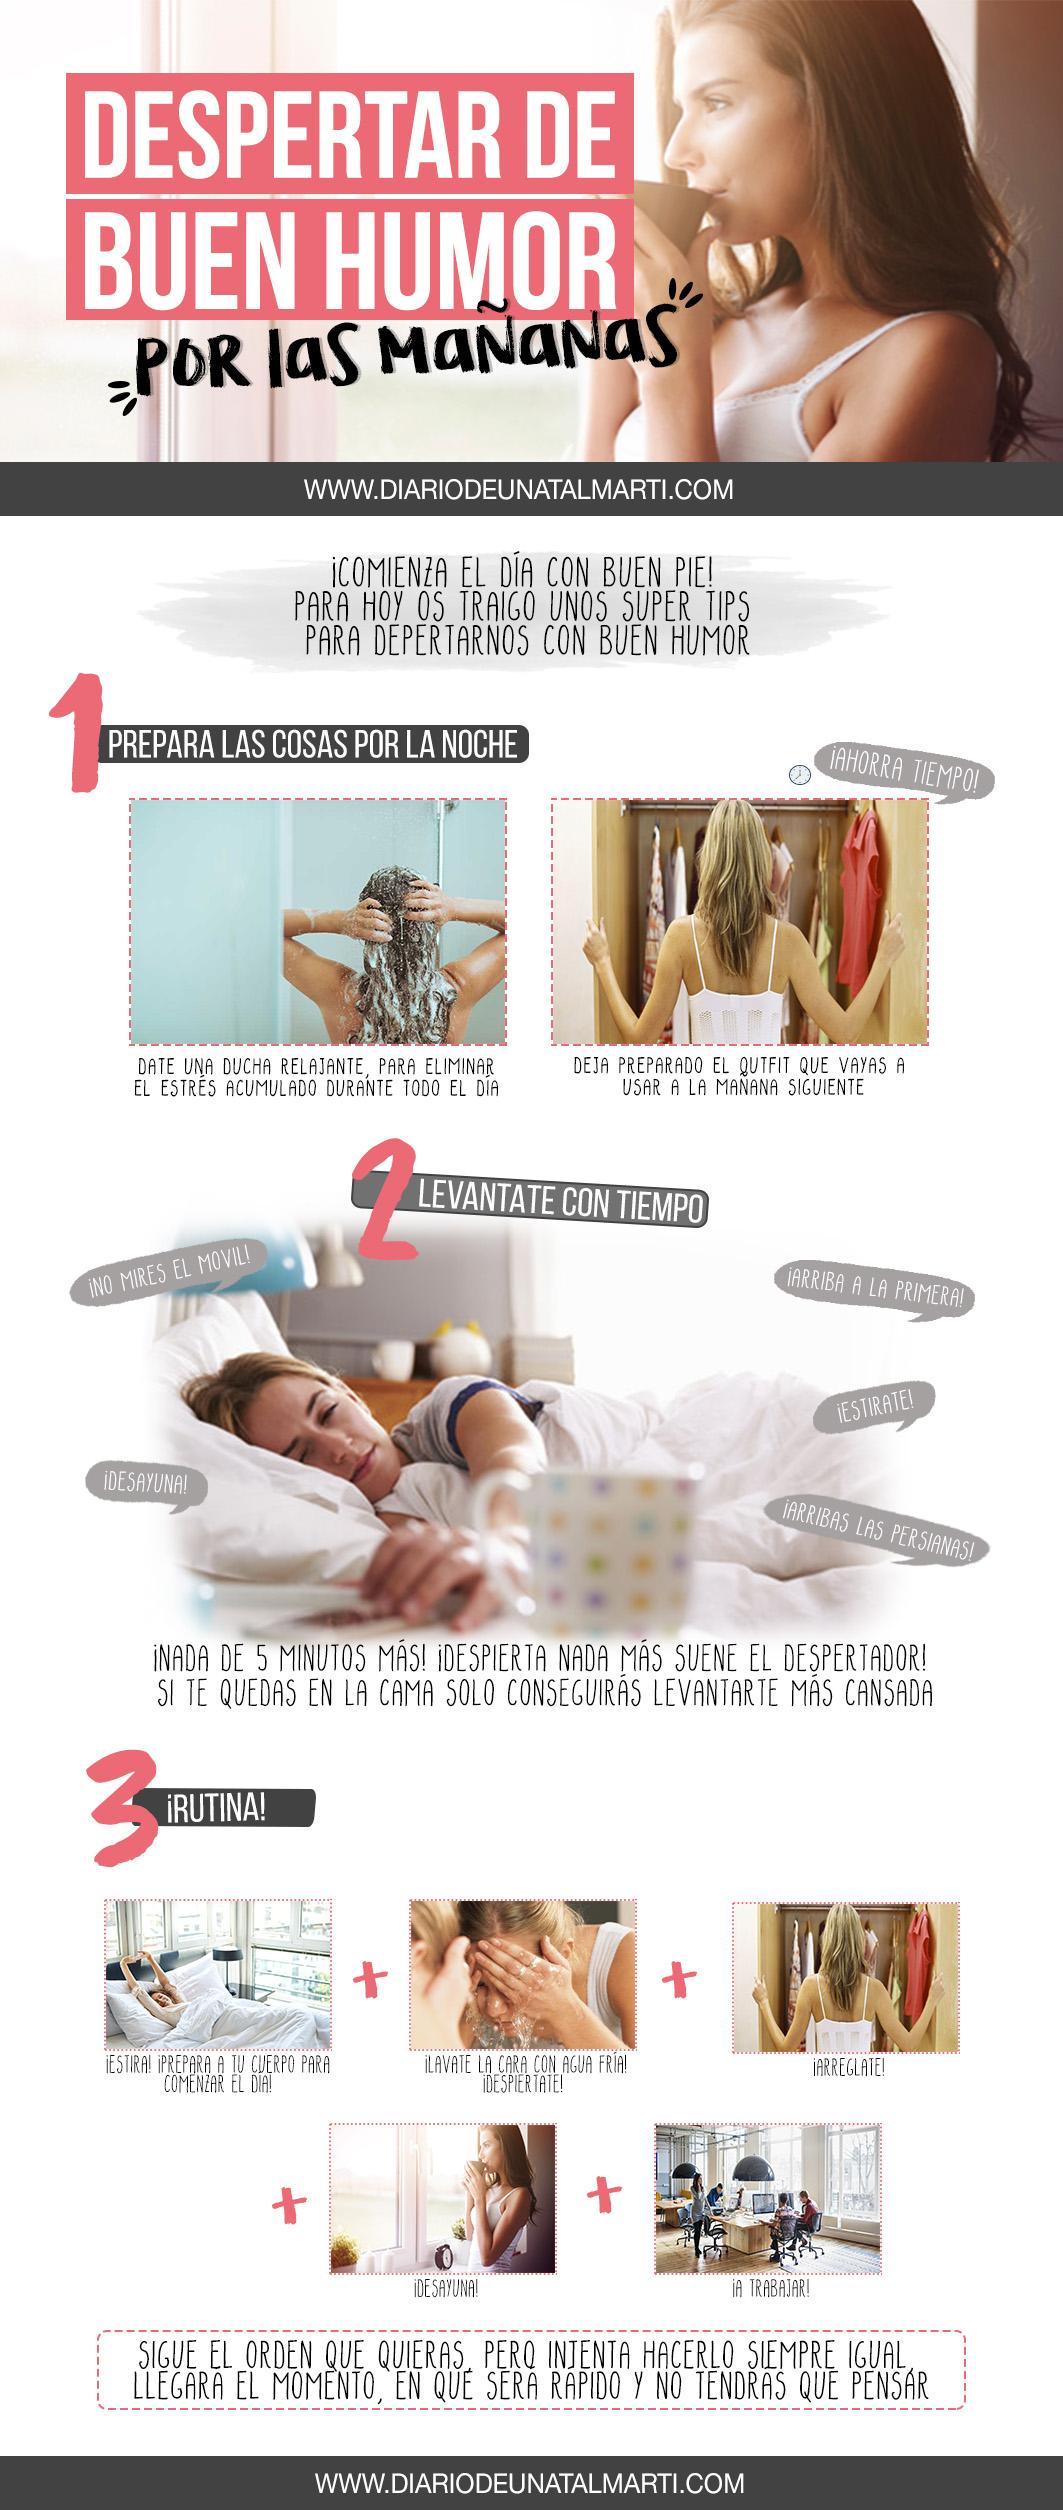 infografía-despierta-buen-humor